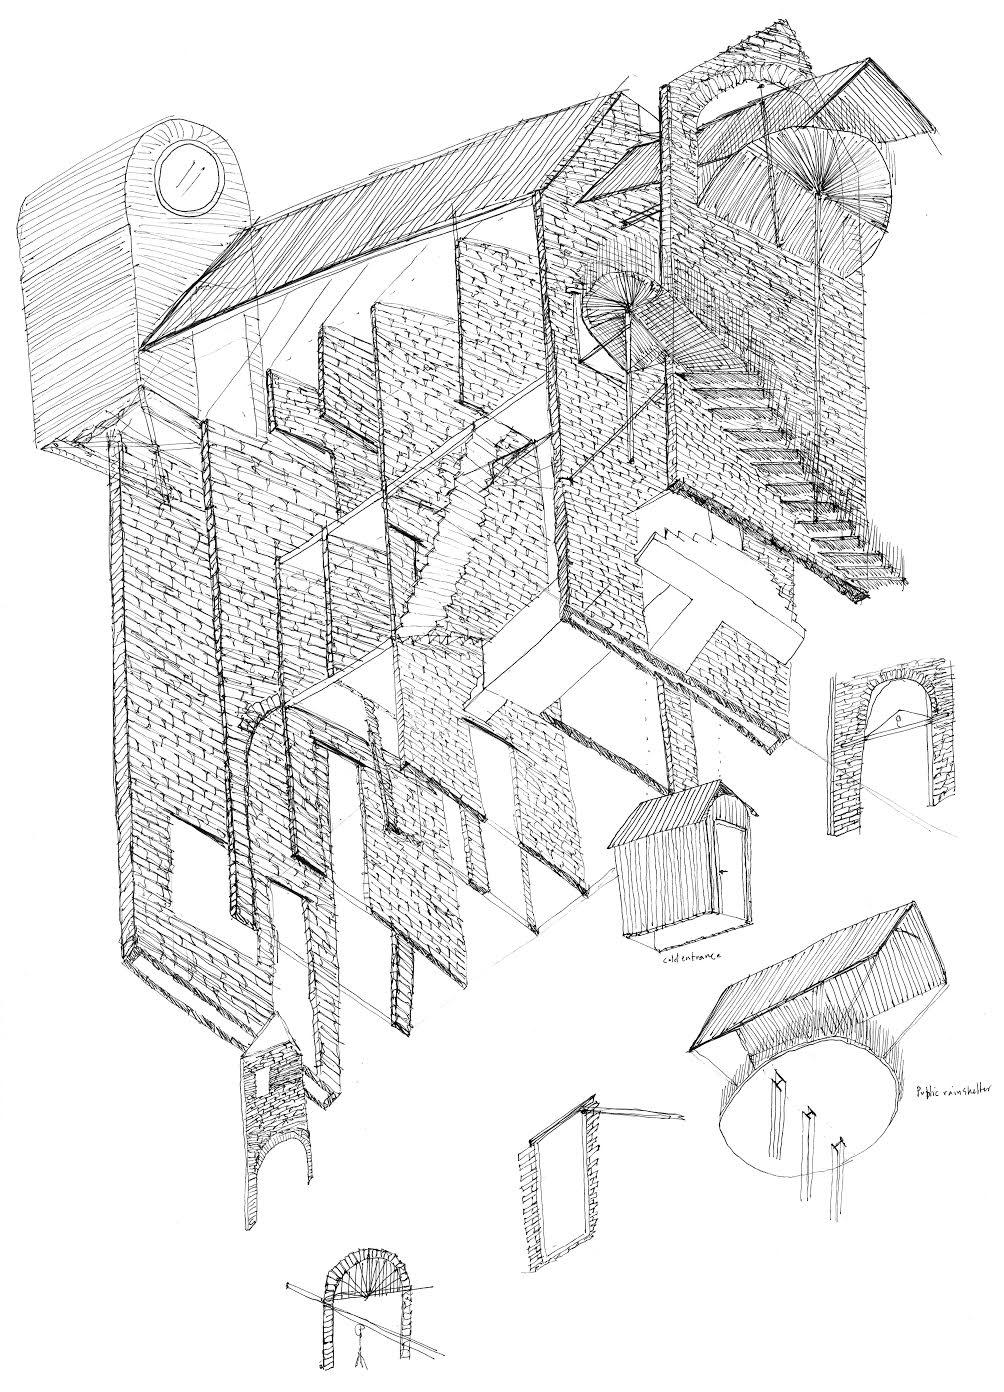 Row house Oostende, Gustav Wallerius, Accademia di Architettura di Mendrisio, 2014, Atelier De Vylder 2